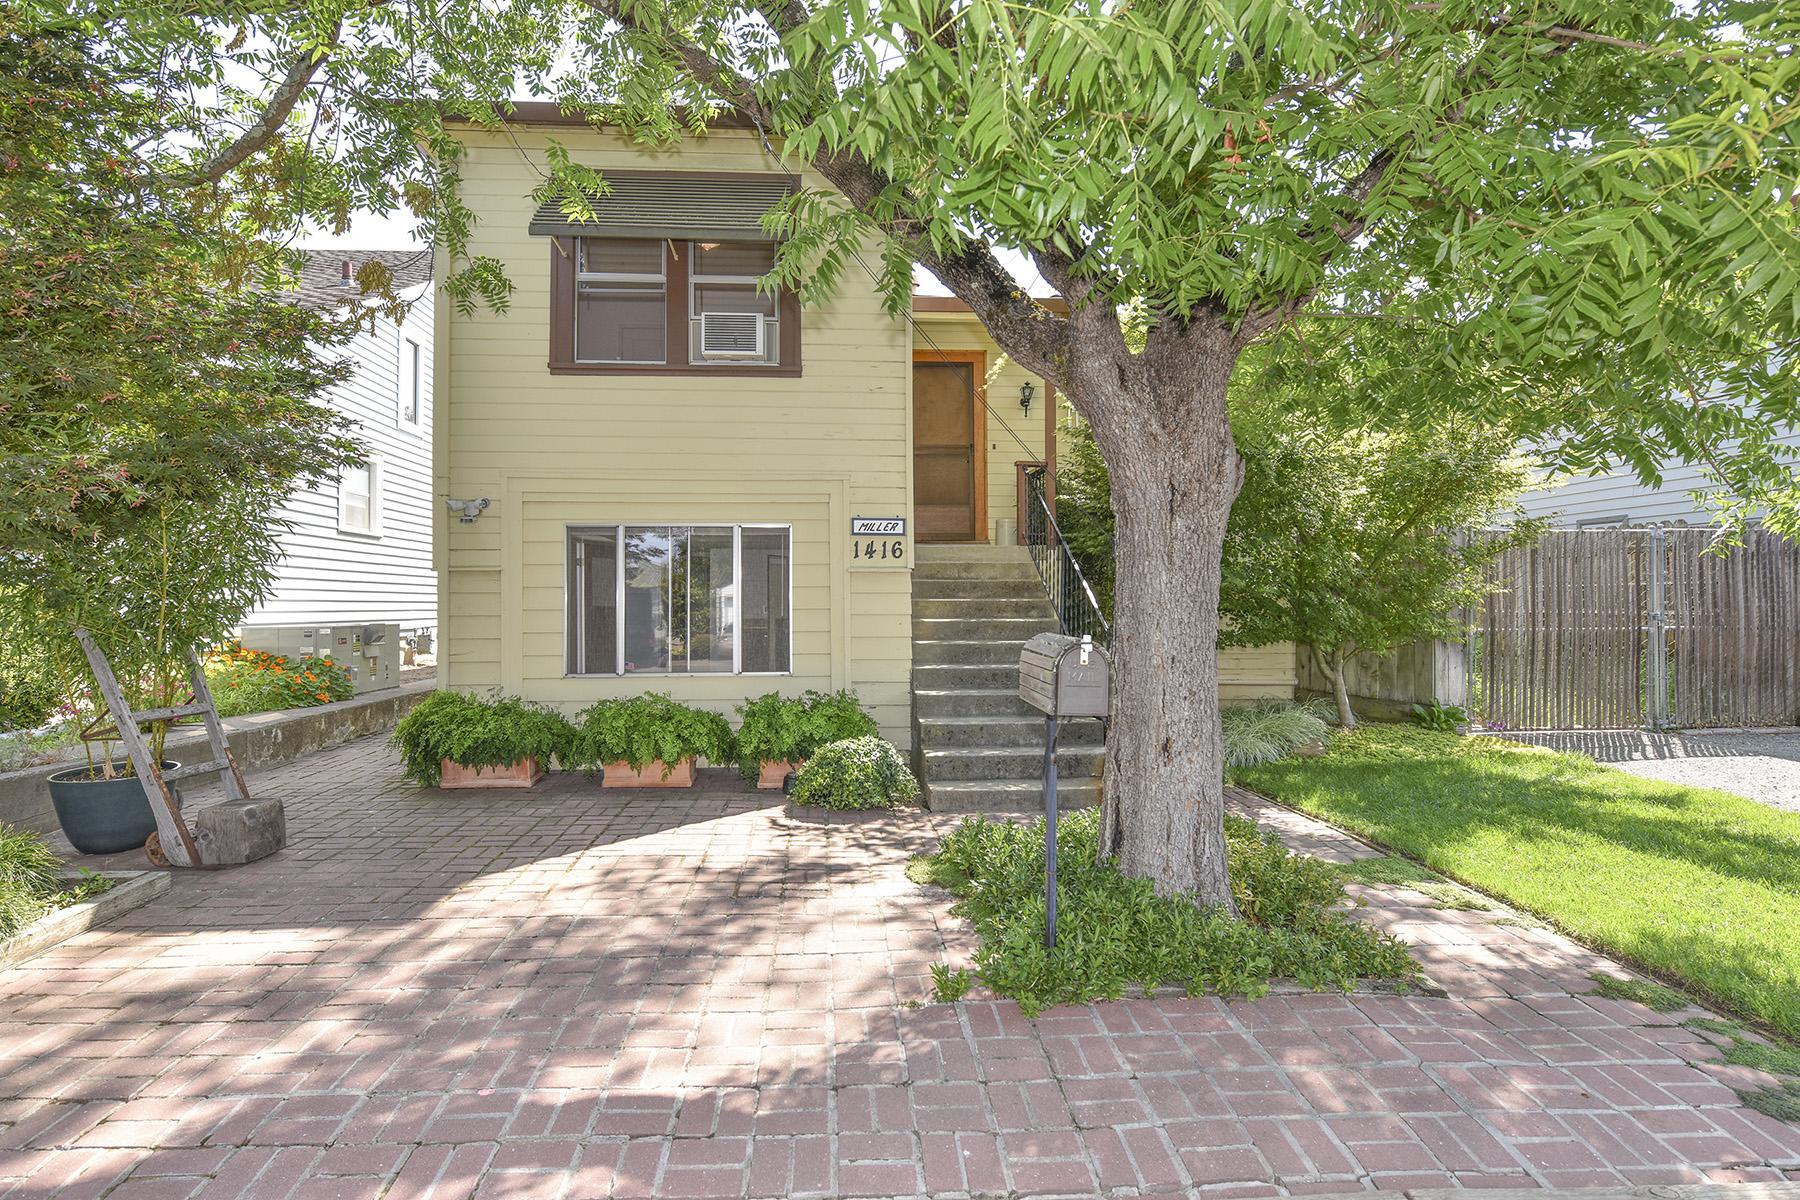 sales property at 1416 Banks Ave, Napa, CA 94559